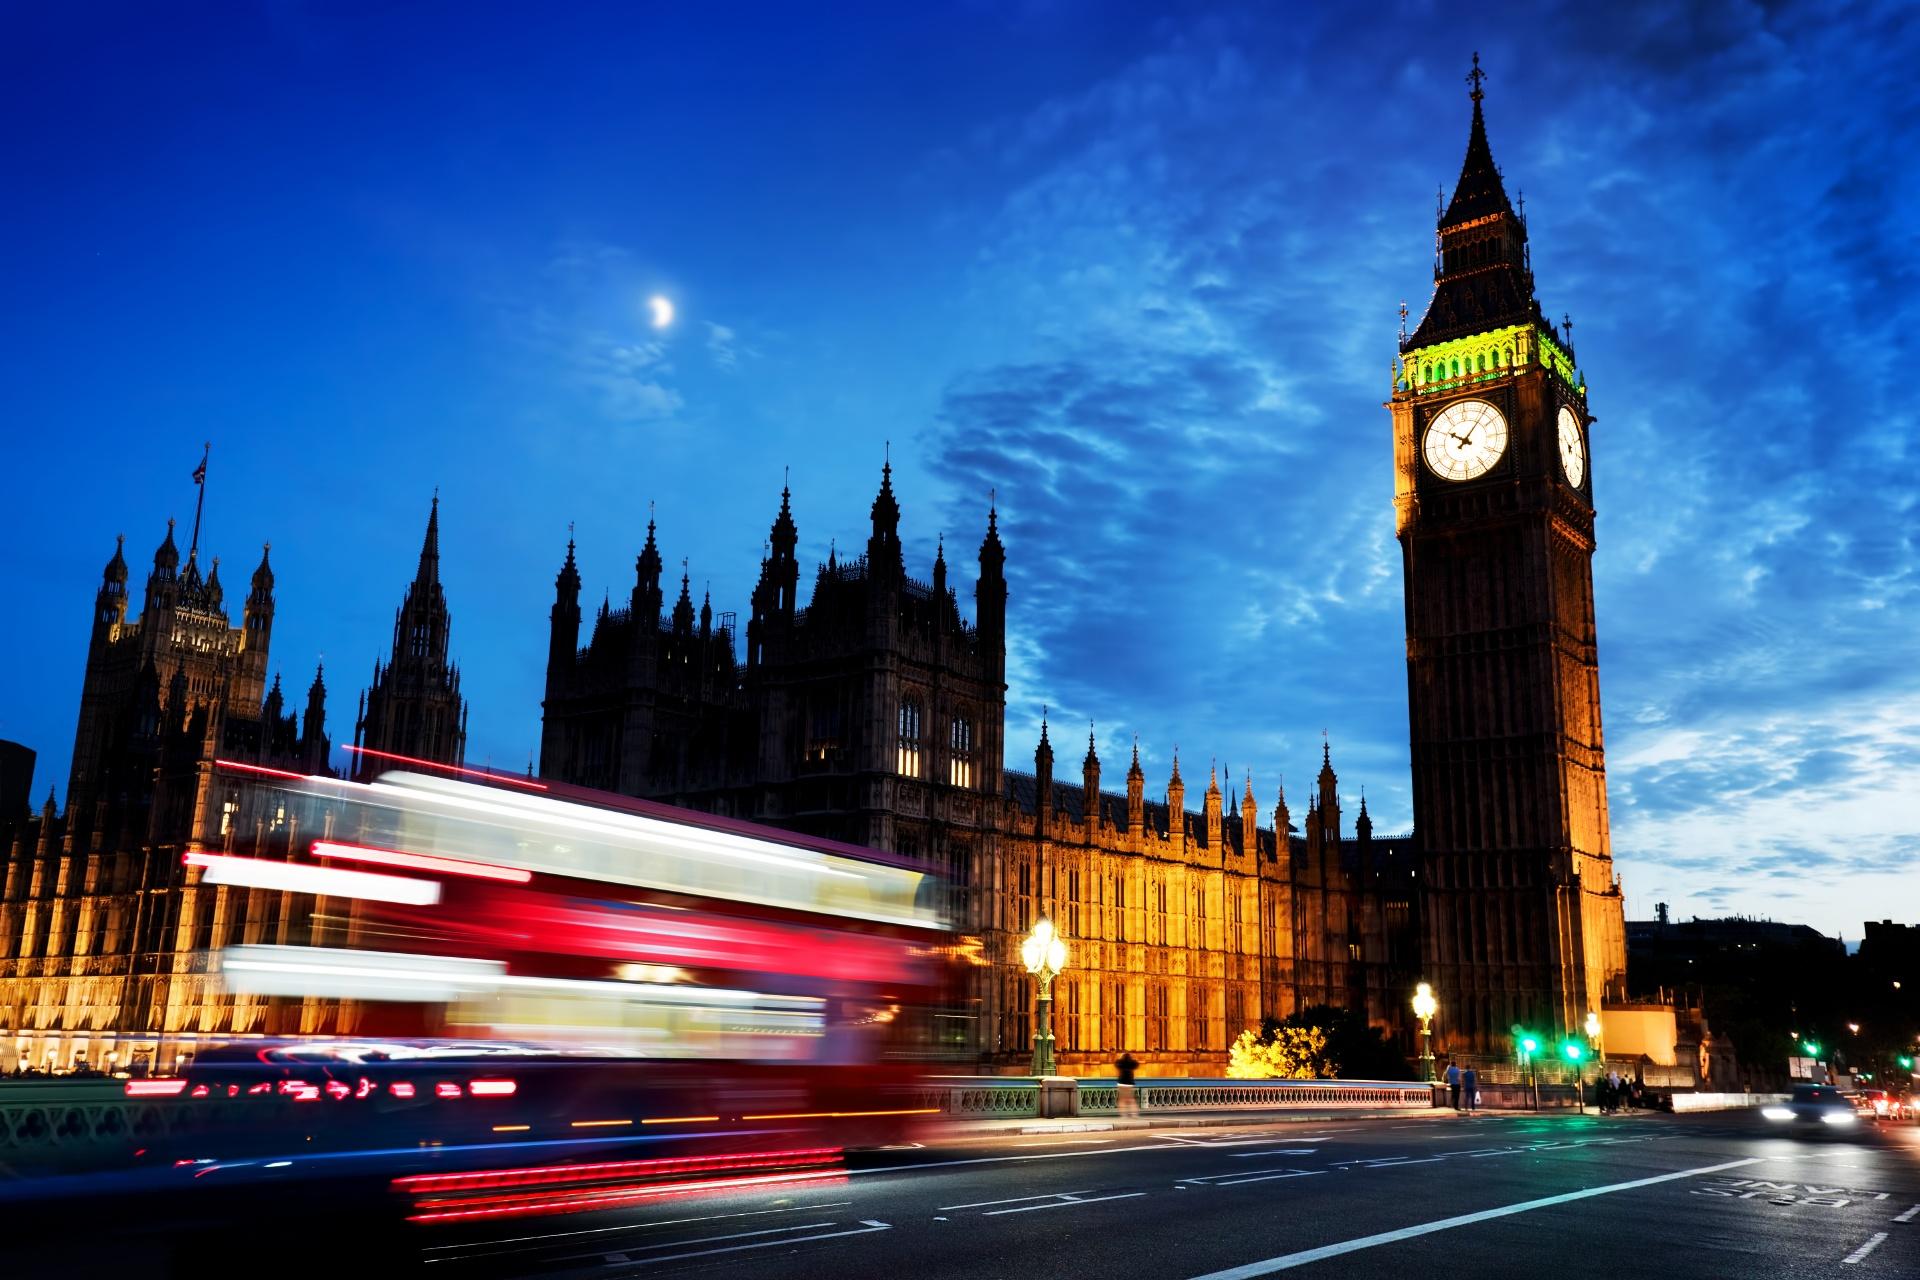 夜のビッグベンとウェストミンスター宮殿 ロンドンの風景